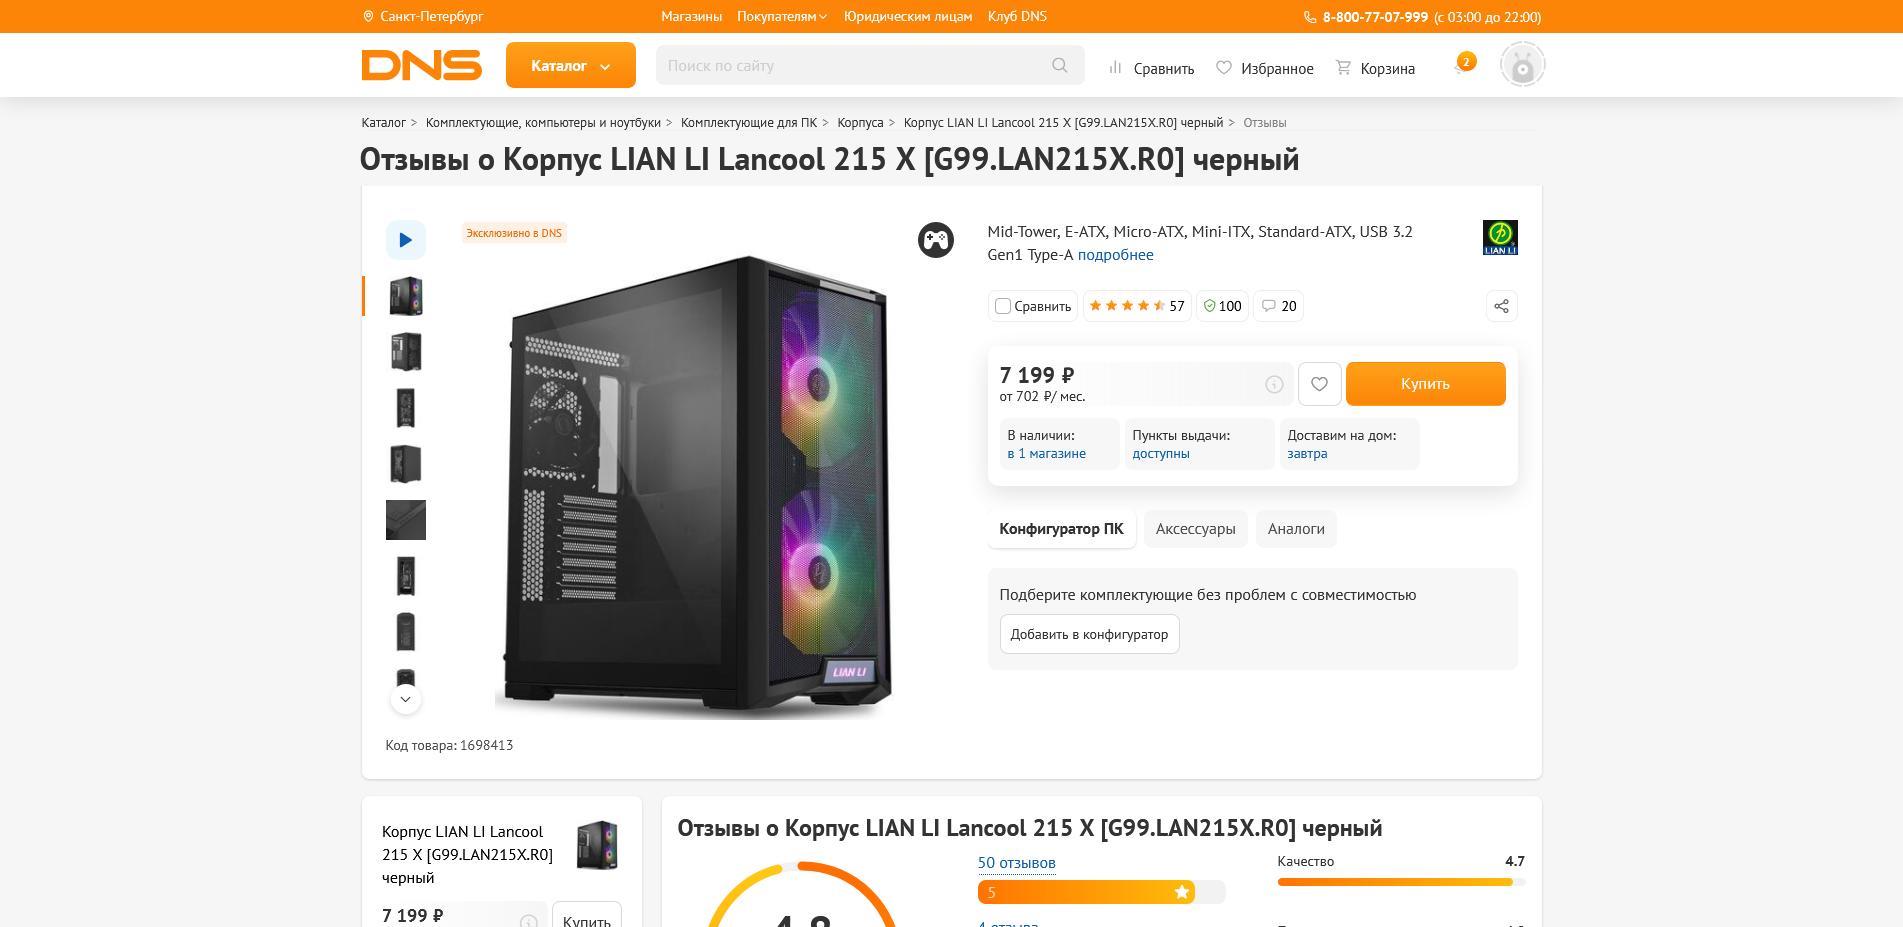 lian5